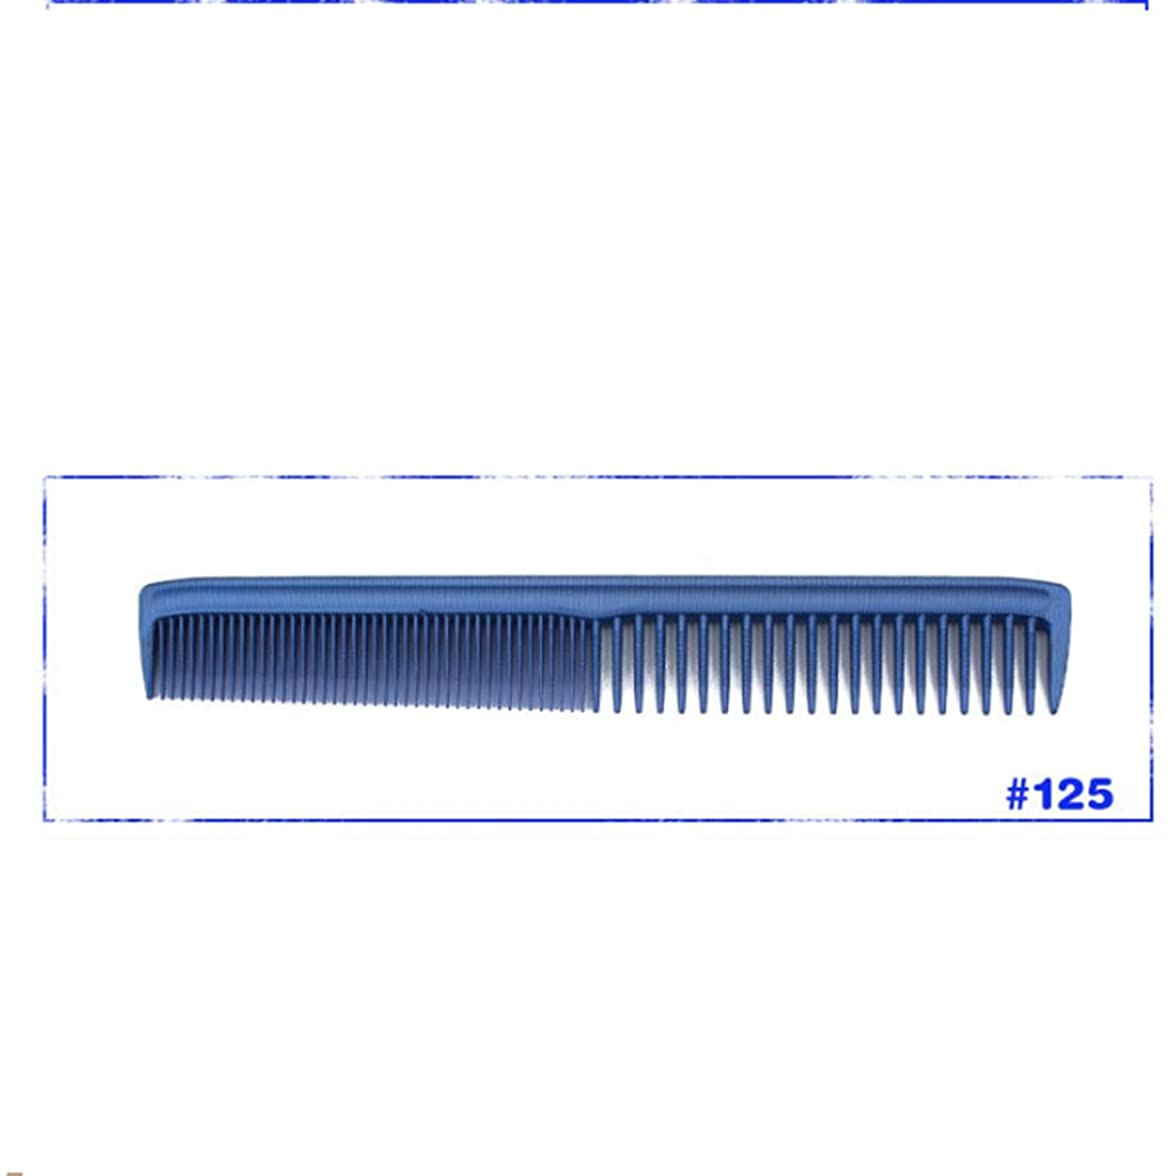 敬干渉バタフライ人のための超薄いハンドルの櫛または女性または人のプラスチック櫛のためのWome-Professional 3Dの毛の櫛 モデリングツール (サイズ : 121)